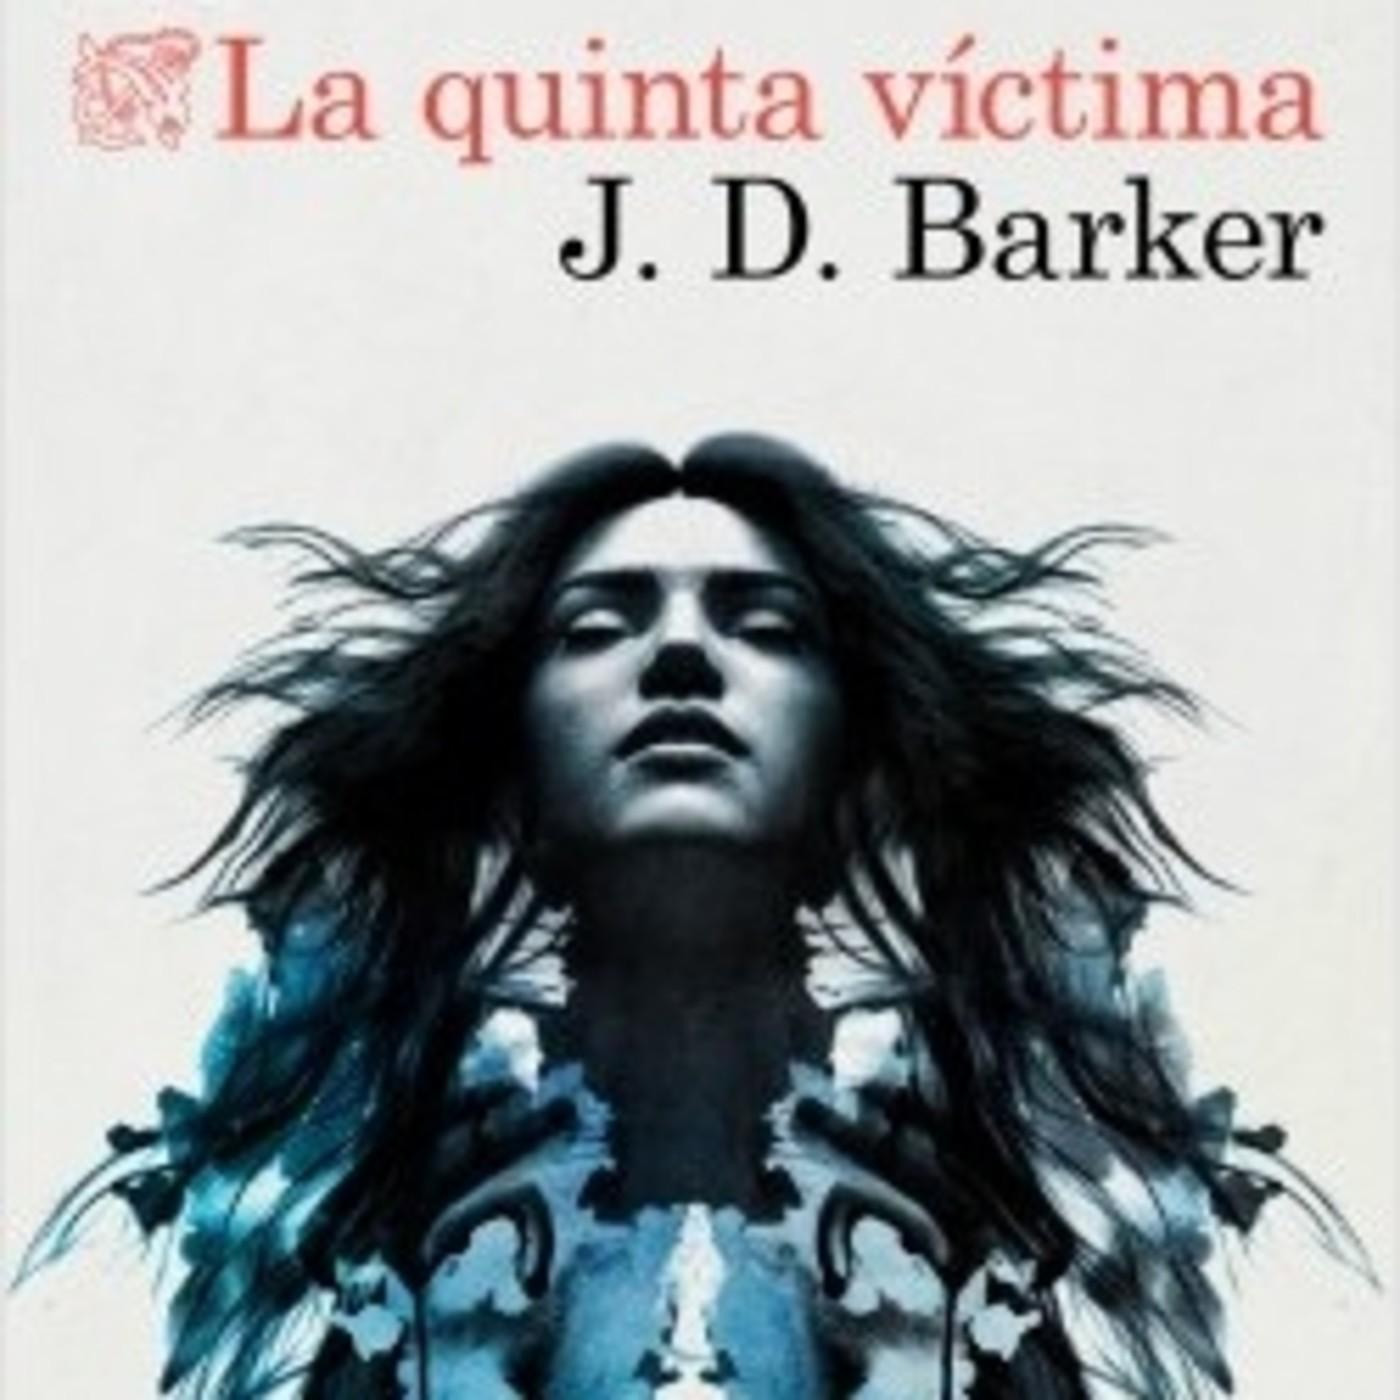 CASA DEL LIBRO-J.D BARKER